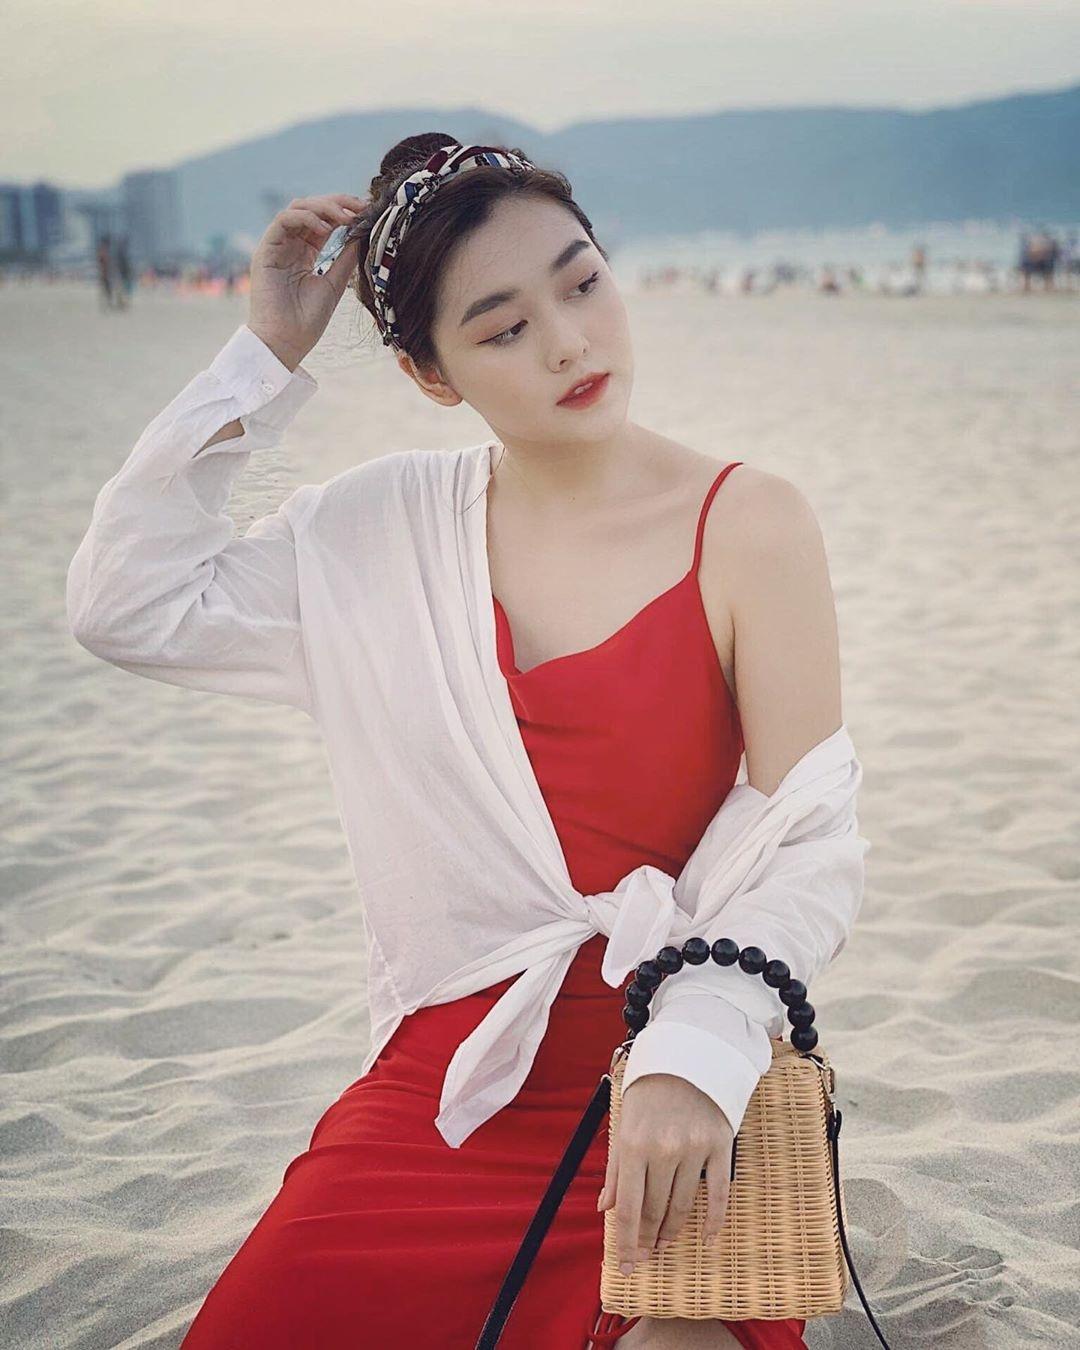 Tuong San - tu hot girl mang den top 8 Hoa hau Quoc te hinh anh 2